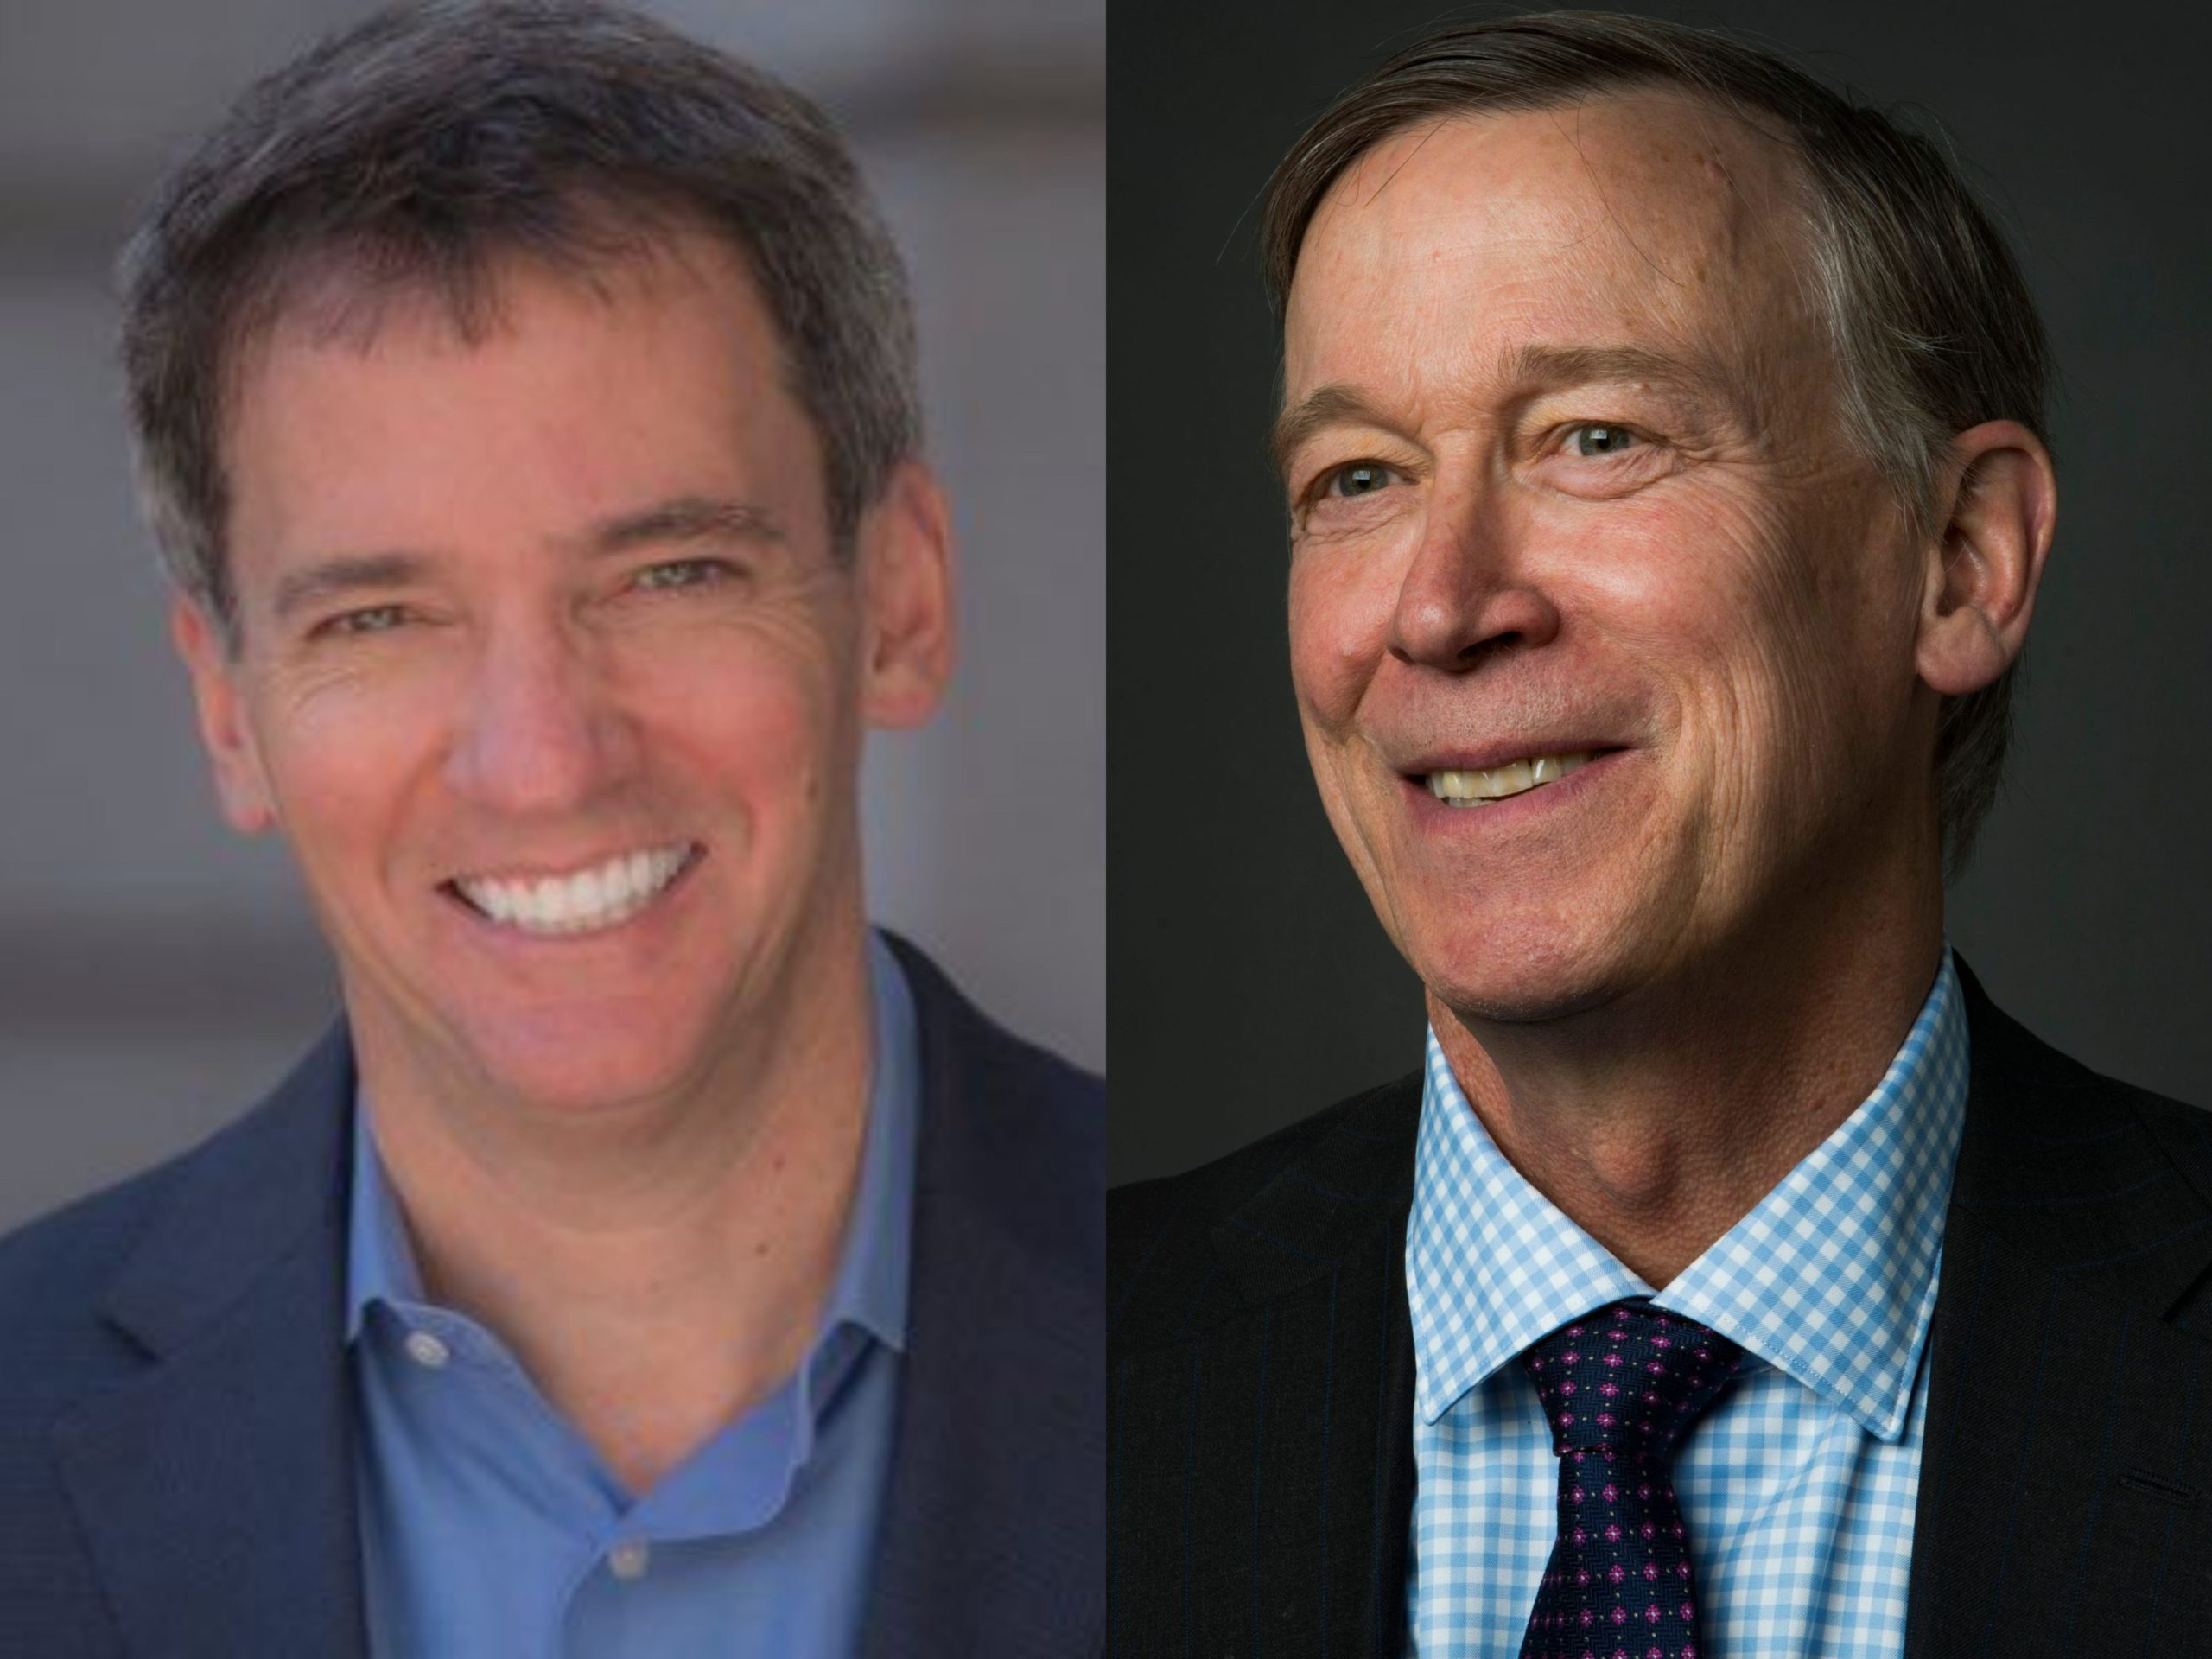 Colorado primary election: Senate race between Hickenlooper, Romanoff